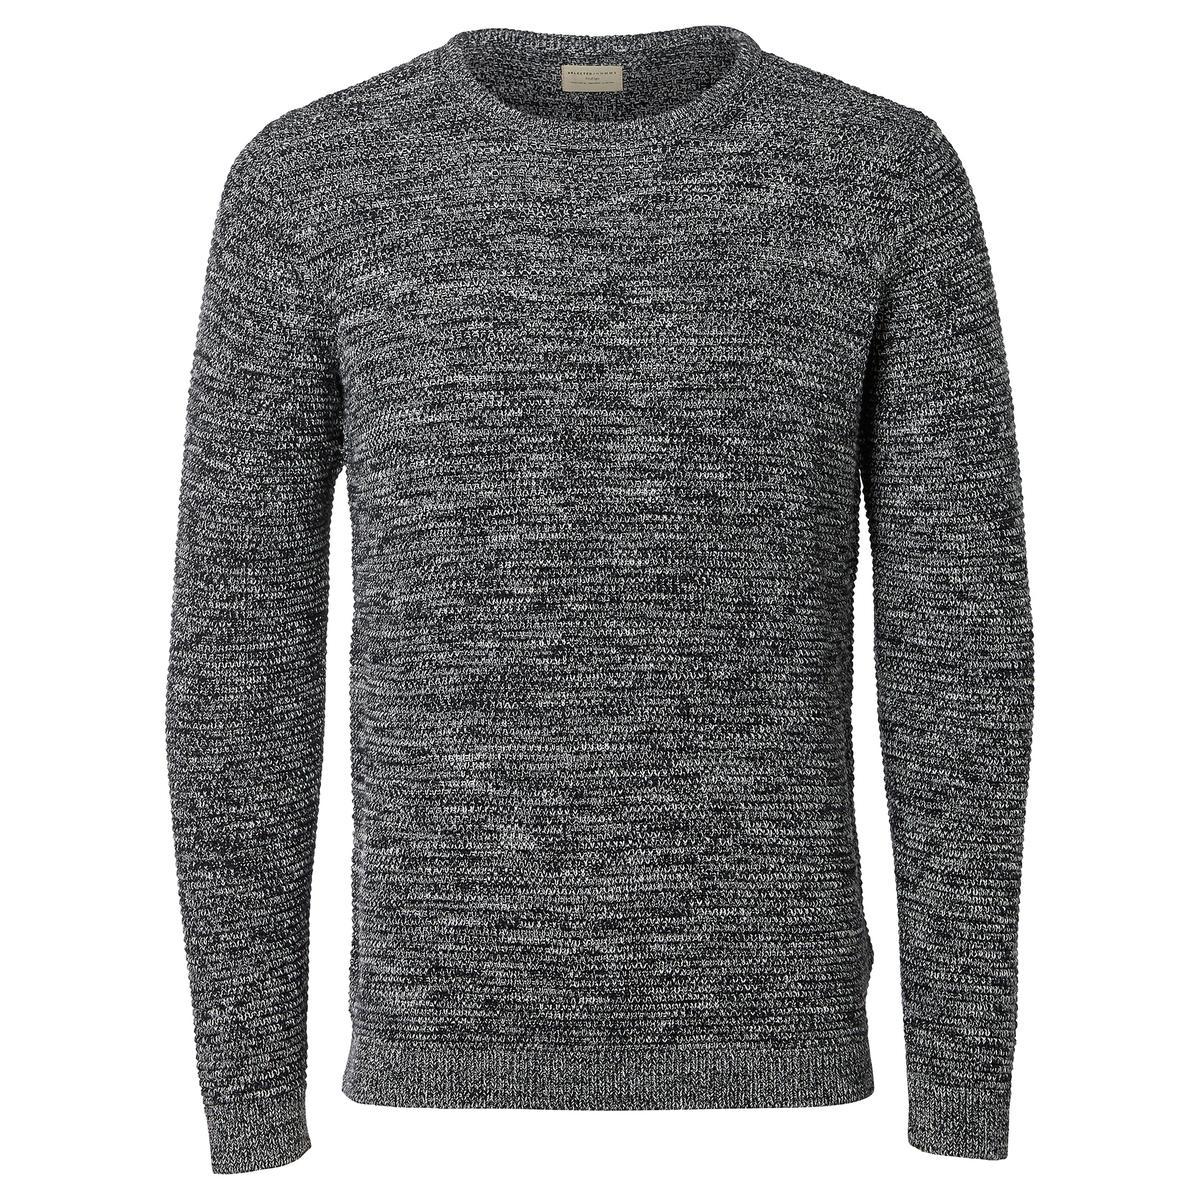 Пуловер крупной вязкиОписание:Детали  •  Длинные рукава  •  Круглый вырез •  Плотный трикотаж Состав и уход  •  100% хлопок  •  Следуйте советам по уходу, указанным на этикетке<br><br>Цвет: черный<br>Размер: XL.M